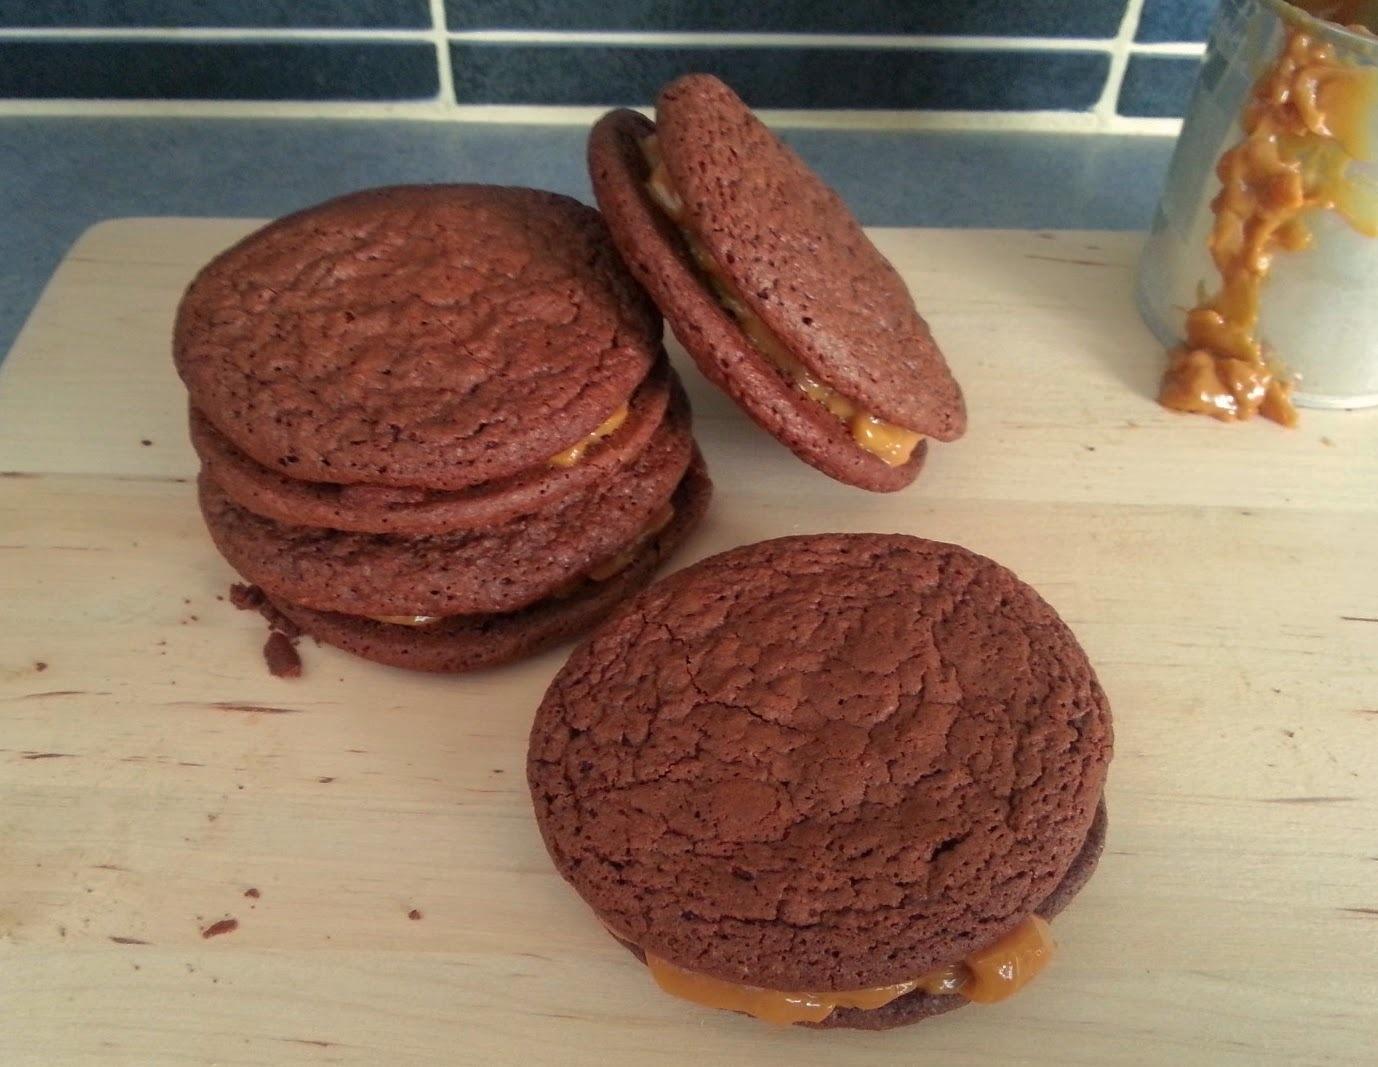 Μπισκότα μαλακά σαν brownies γεμιστά με καραμέλα